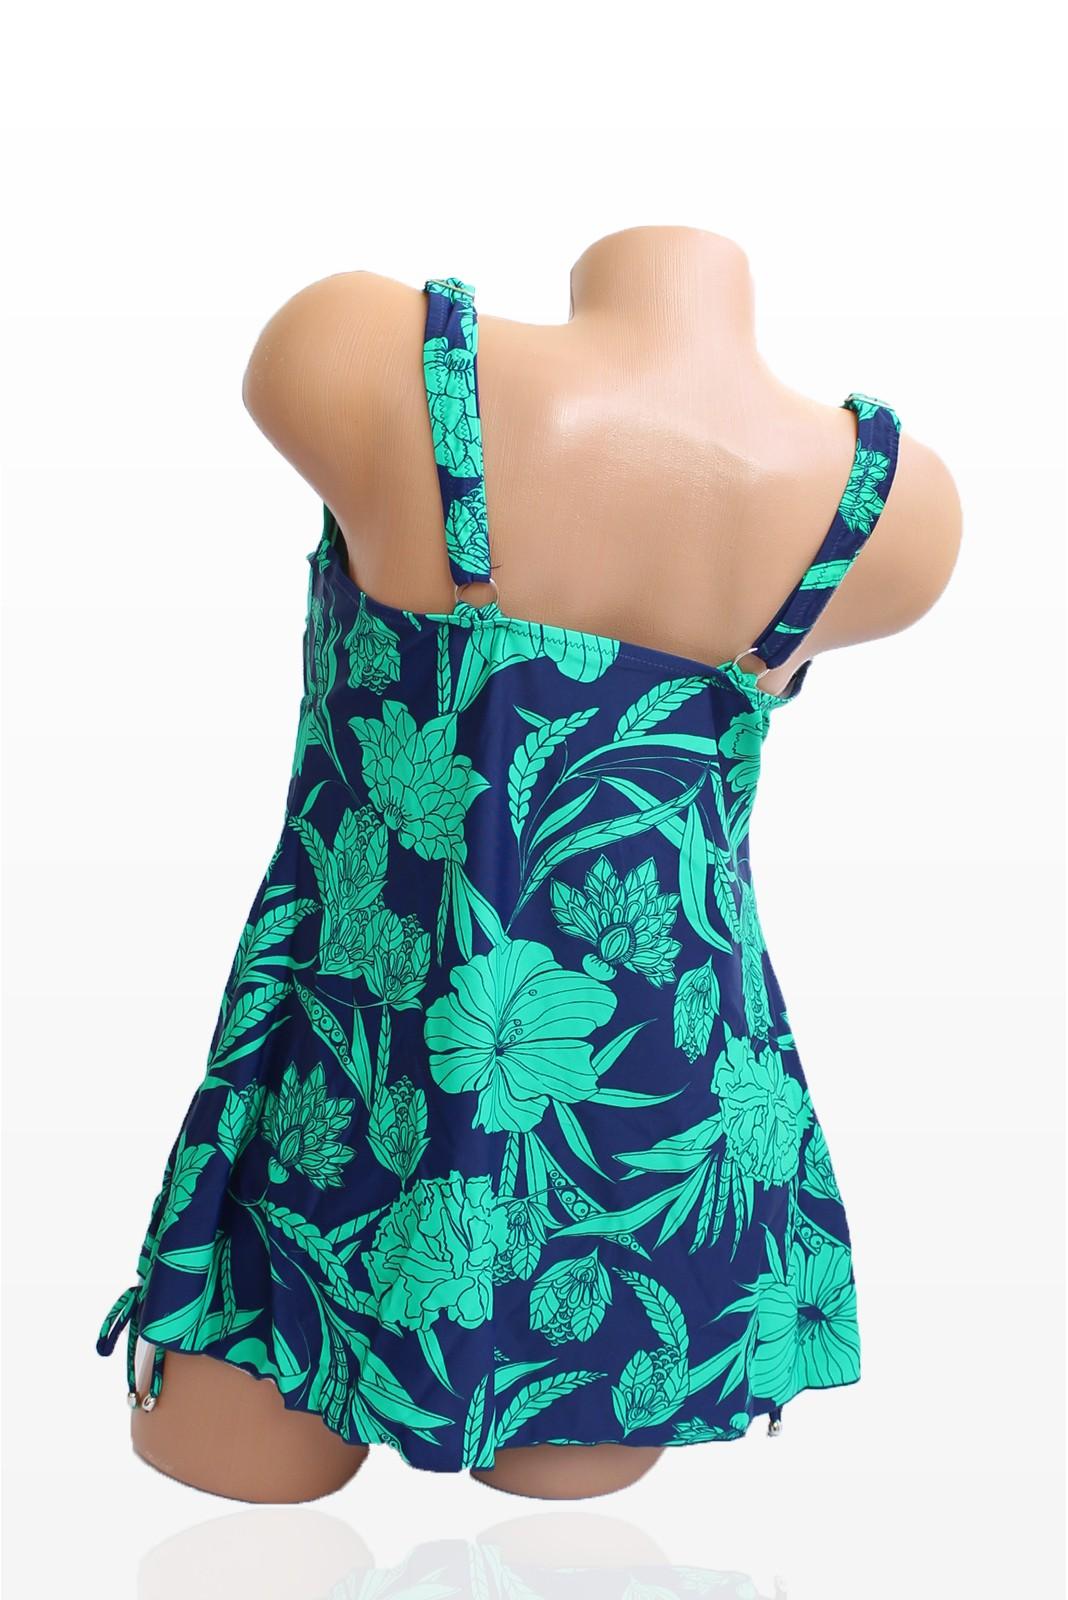 Танкини в тъмносин цвят и зелени цветя - чашка D Снимка 4 от 4